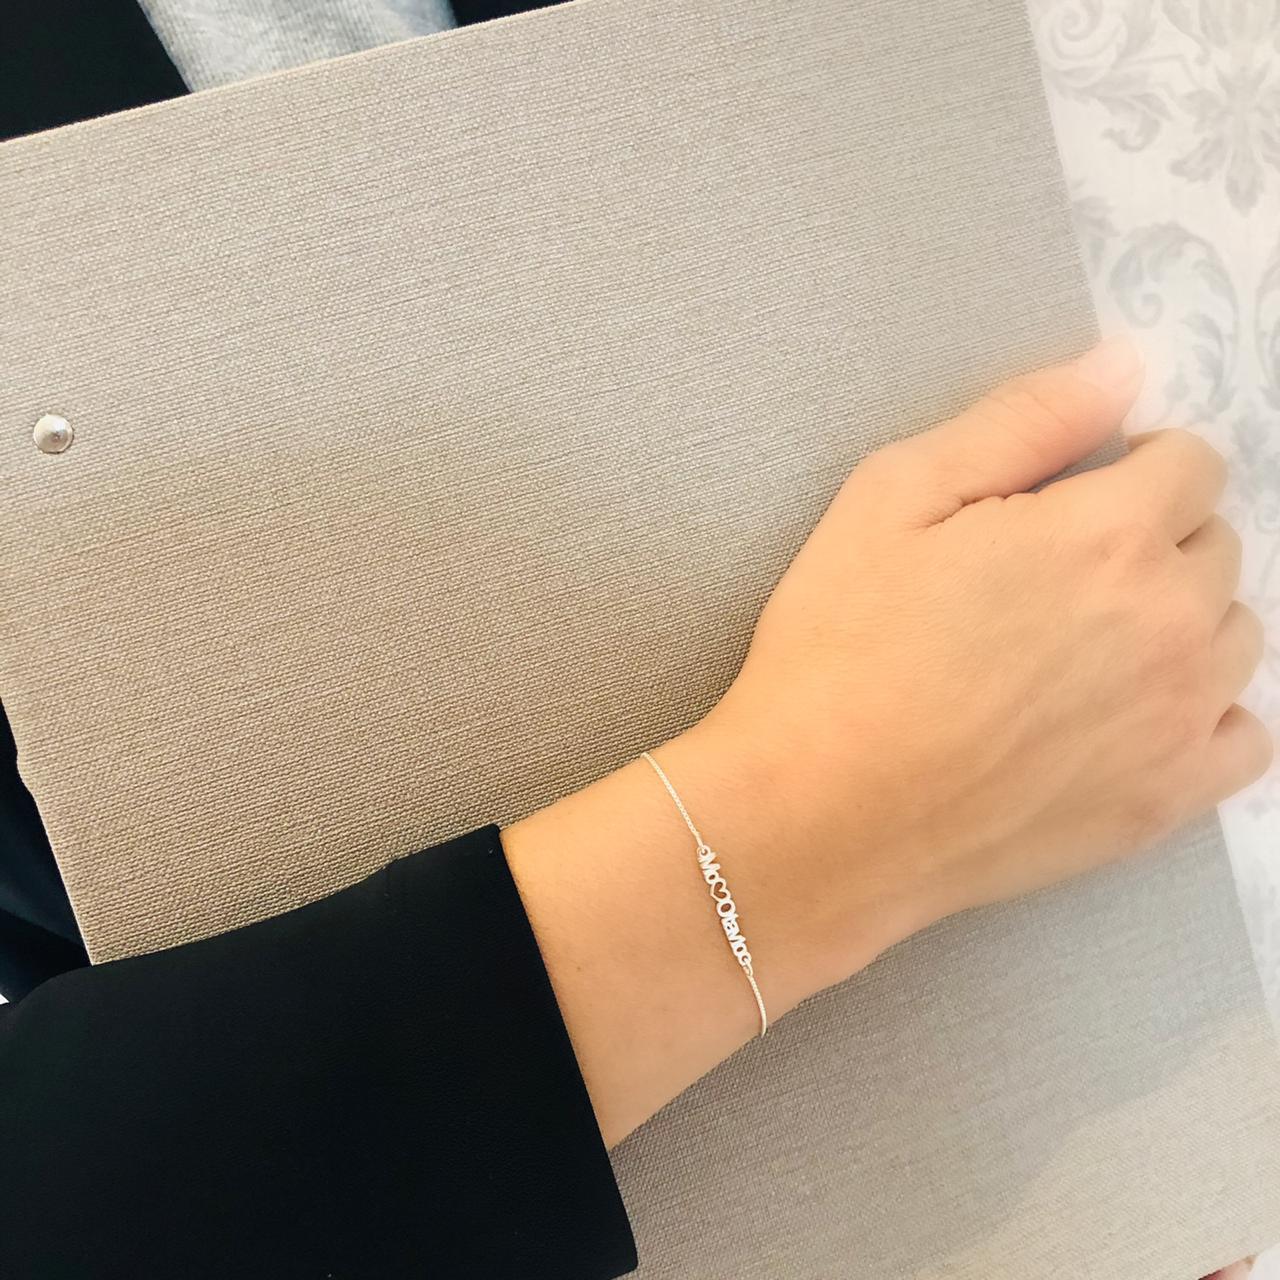 Kit com 6 Pulseiras Femininas Manuscritas a laser, com corações nas laterais, Prata 925